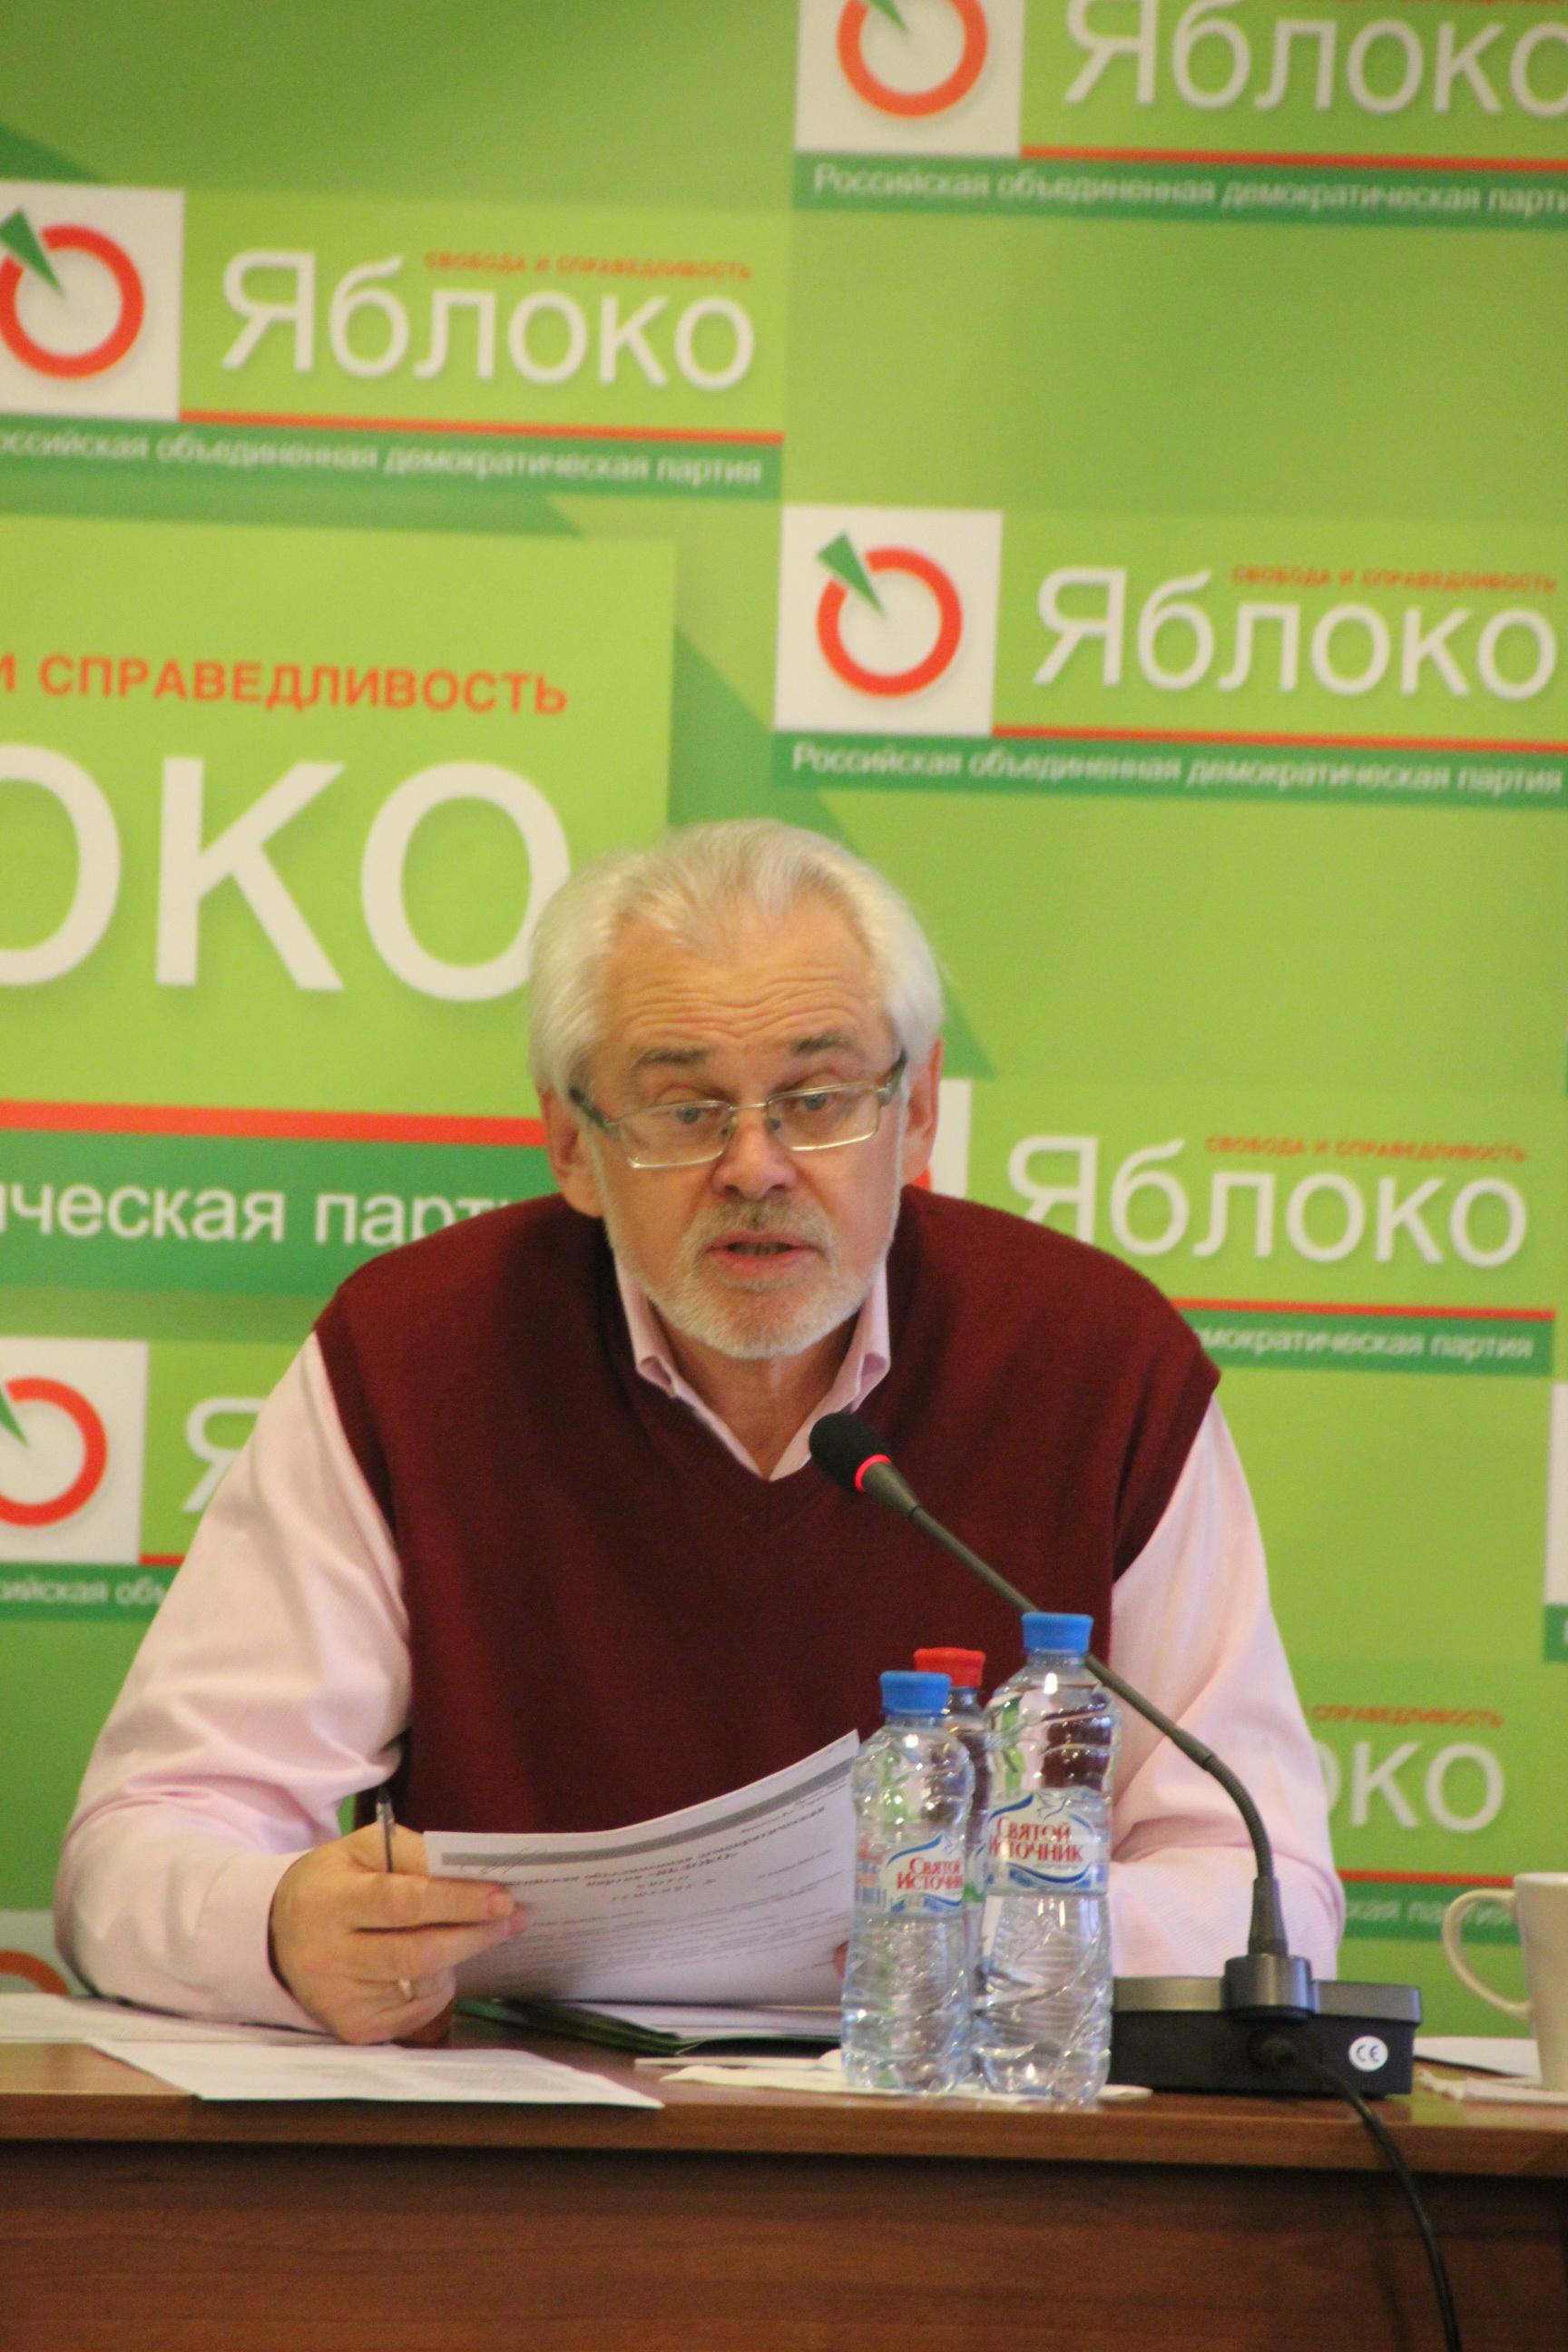 Депутат госдумы от петербурга член партии яблоко сергей попов